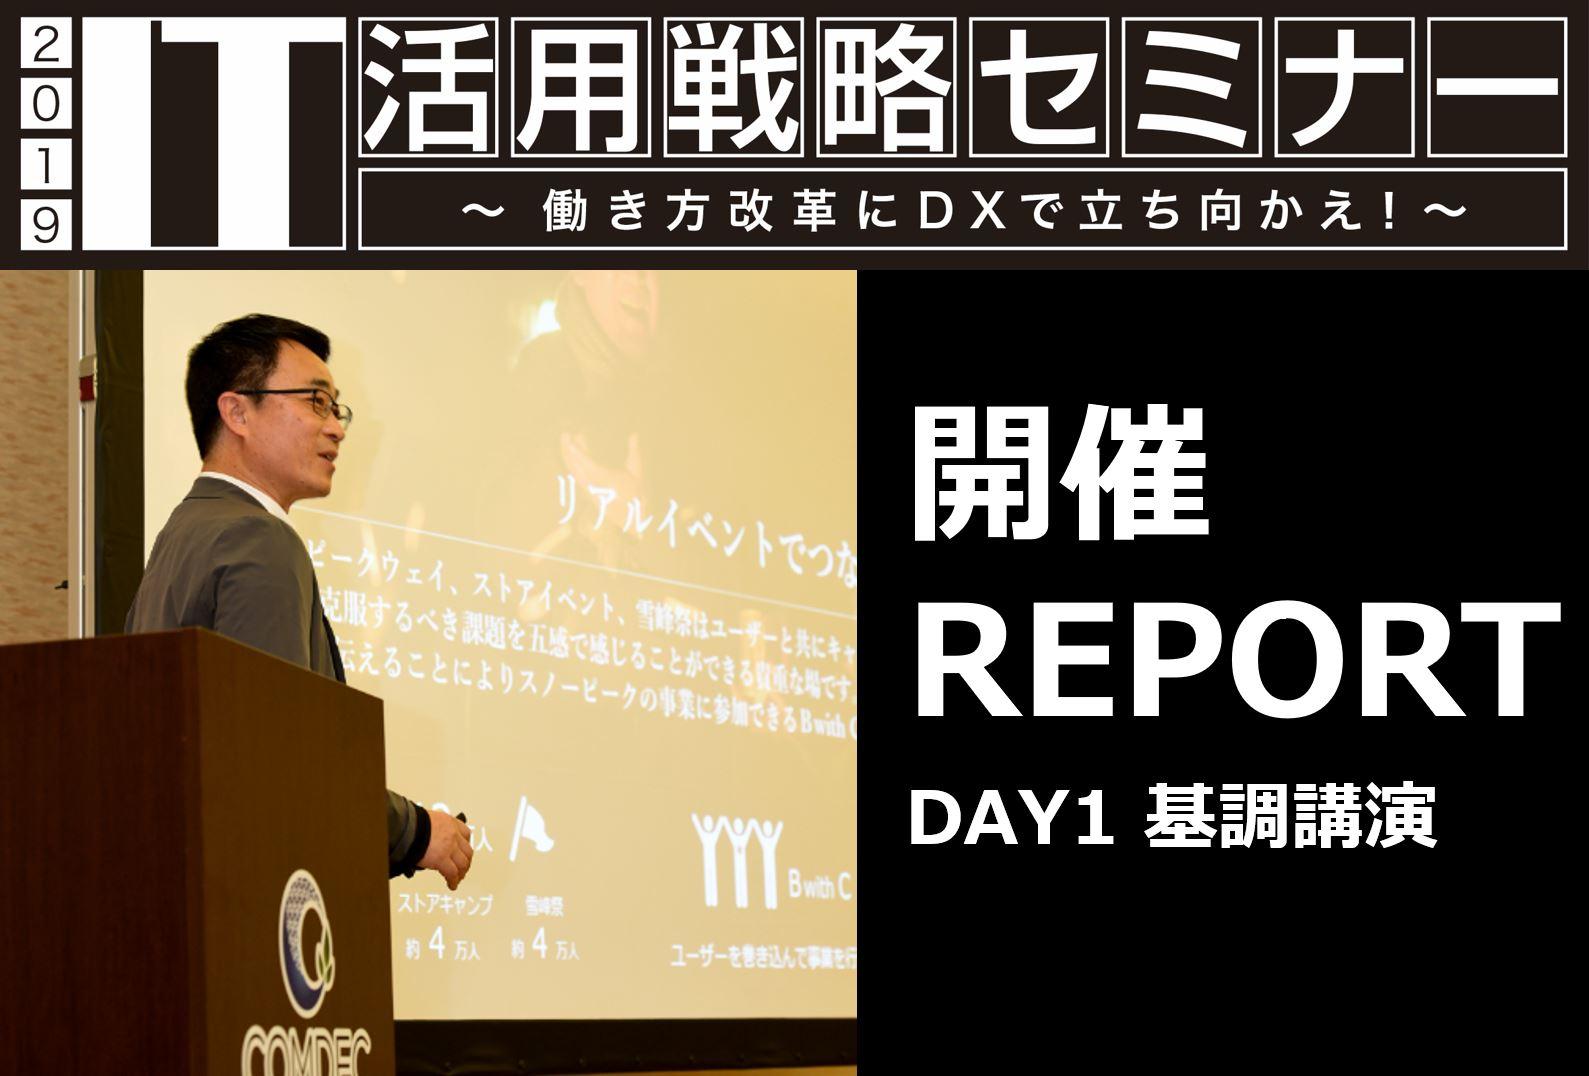 IT活用戦略セミナー2019 DAY1 基調講演レポート|株式会社スノーピーク・ビジネスソリューションズ 代表取締役 村瀬 亮 様